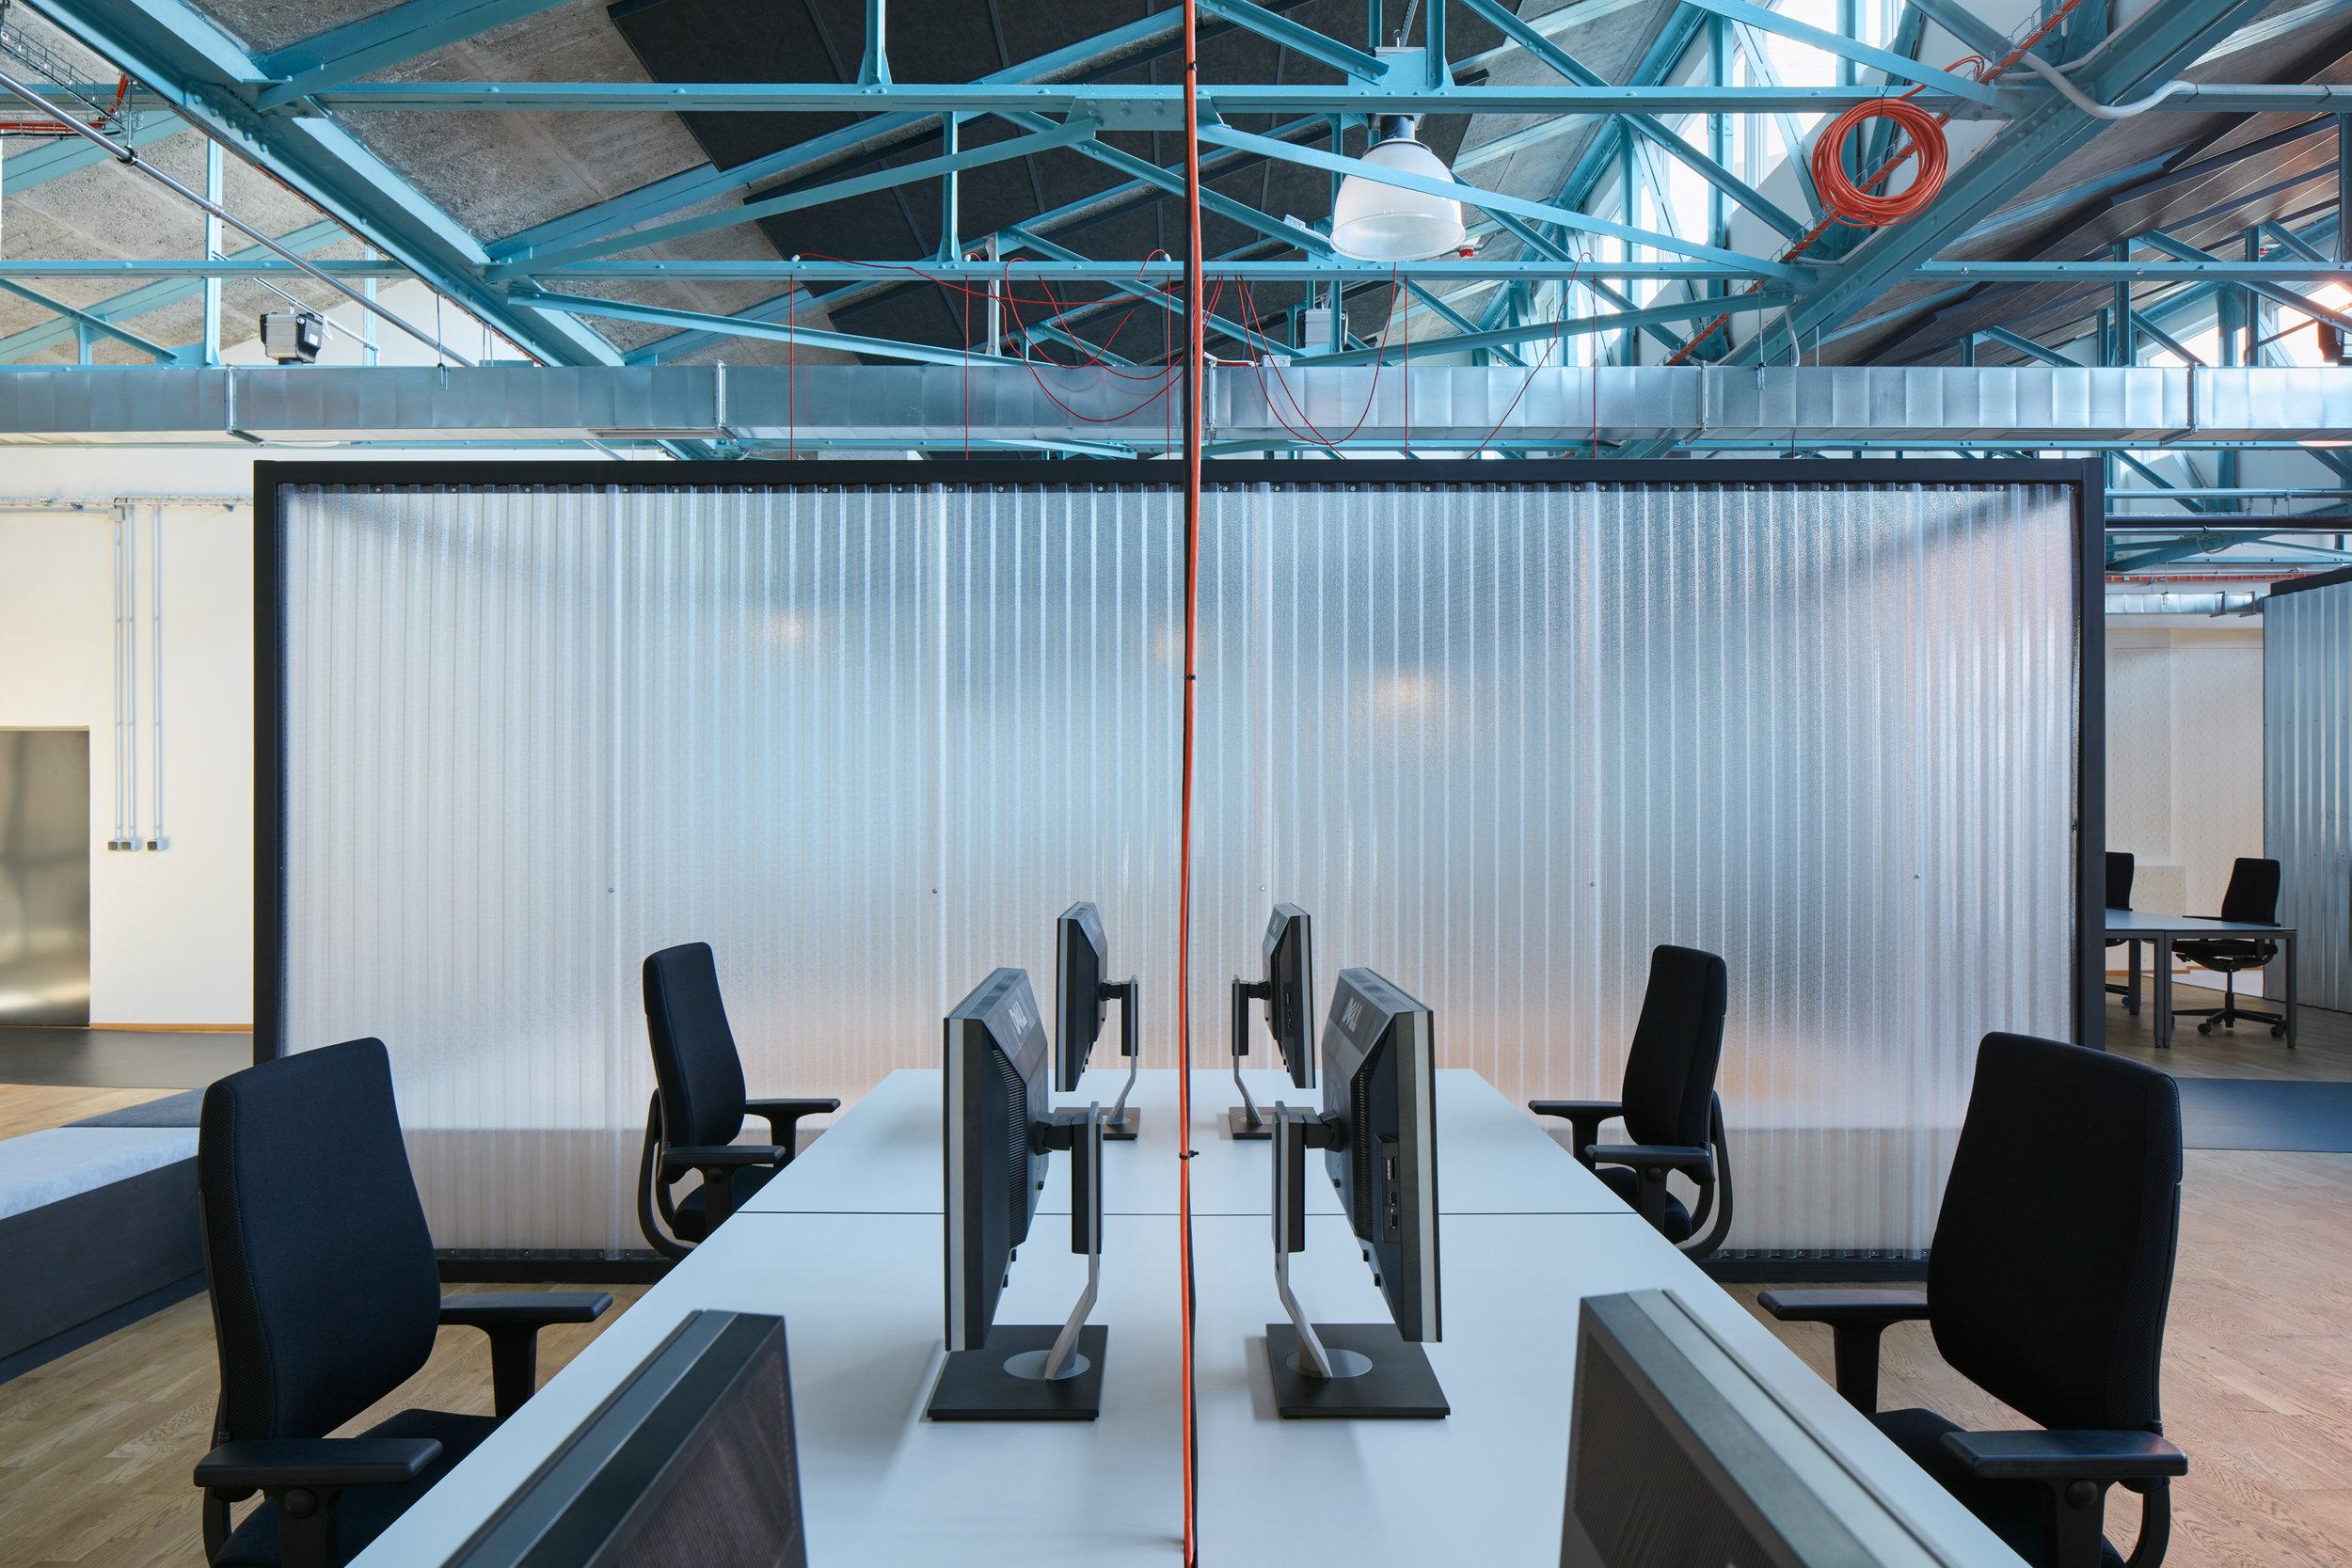 Kurz_architekti_SinnerSchrader_offices_BoysPlayNice_09.jpg